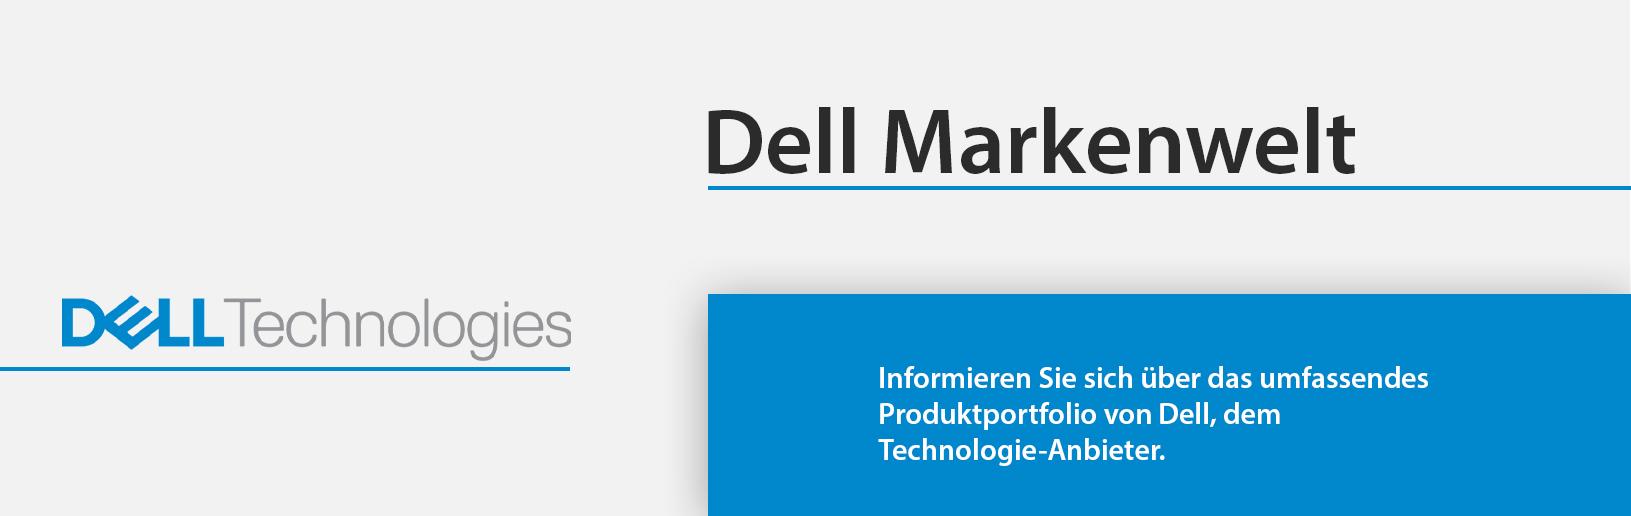 Dell-Markenslider